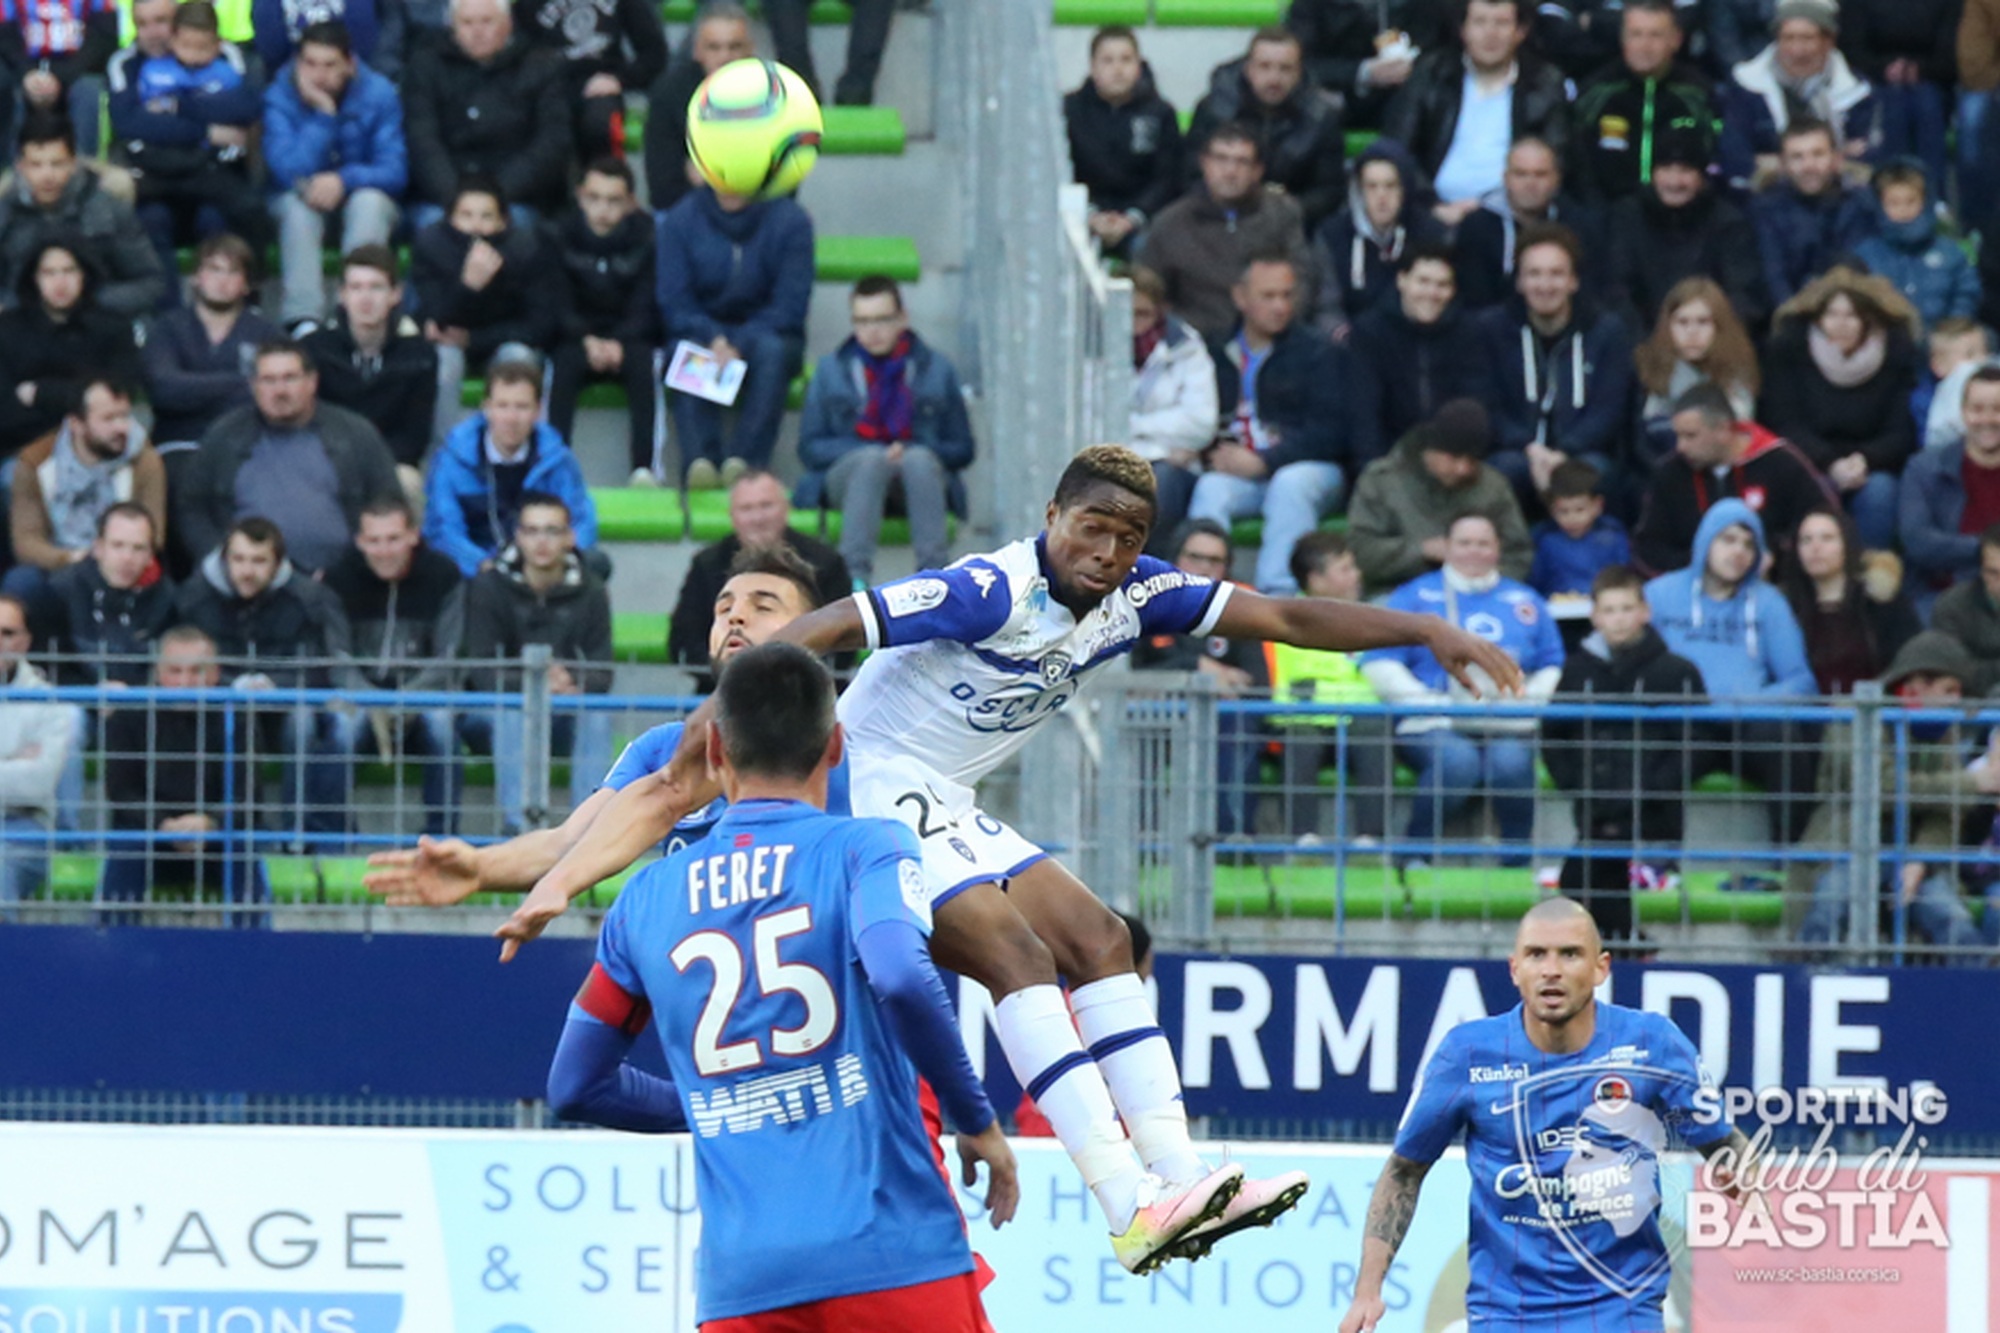 Caen - Bastia